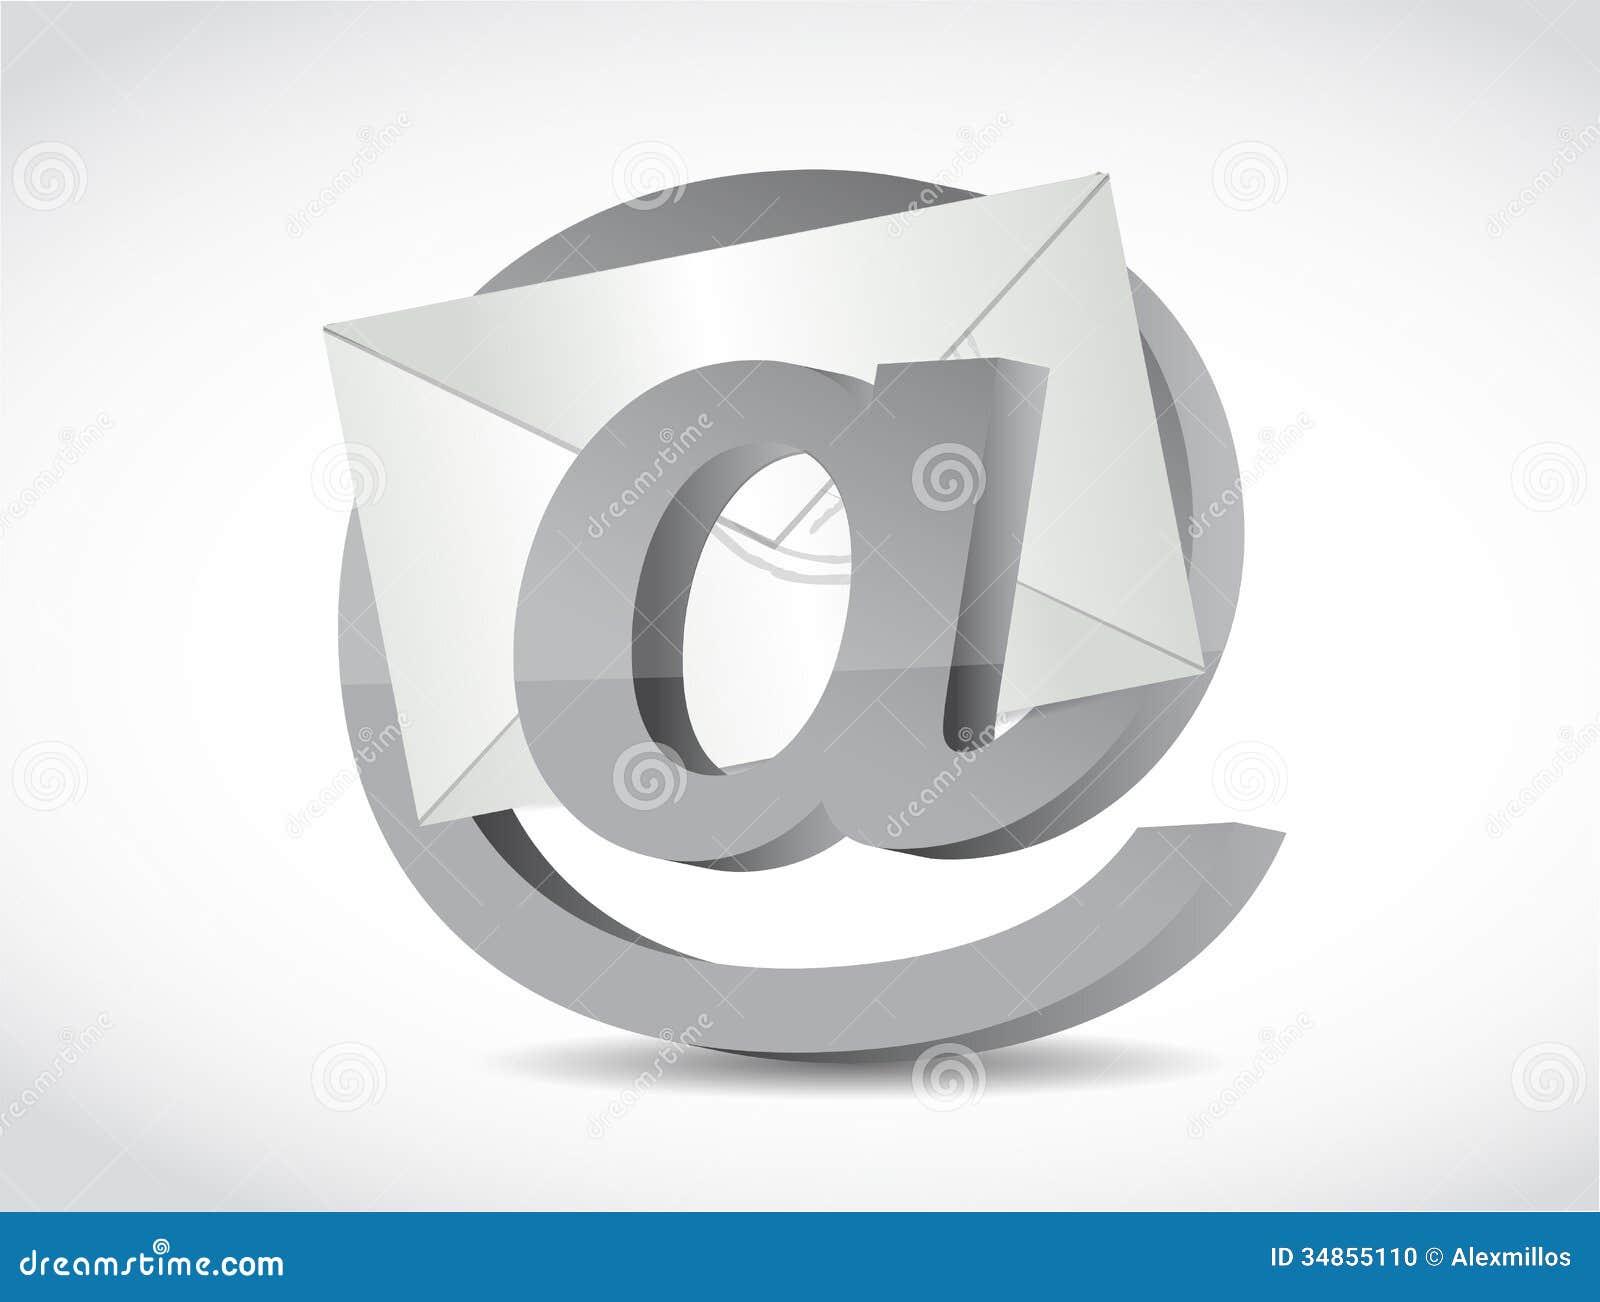 Στο σύμβολο Διαδικτύου και την απεικόνιση ηλεκτρονικού ταχυδρομείου